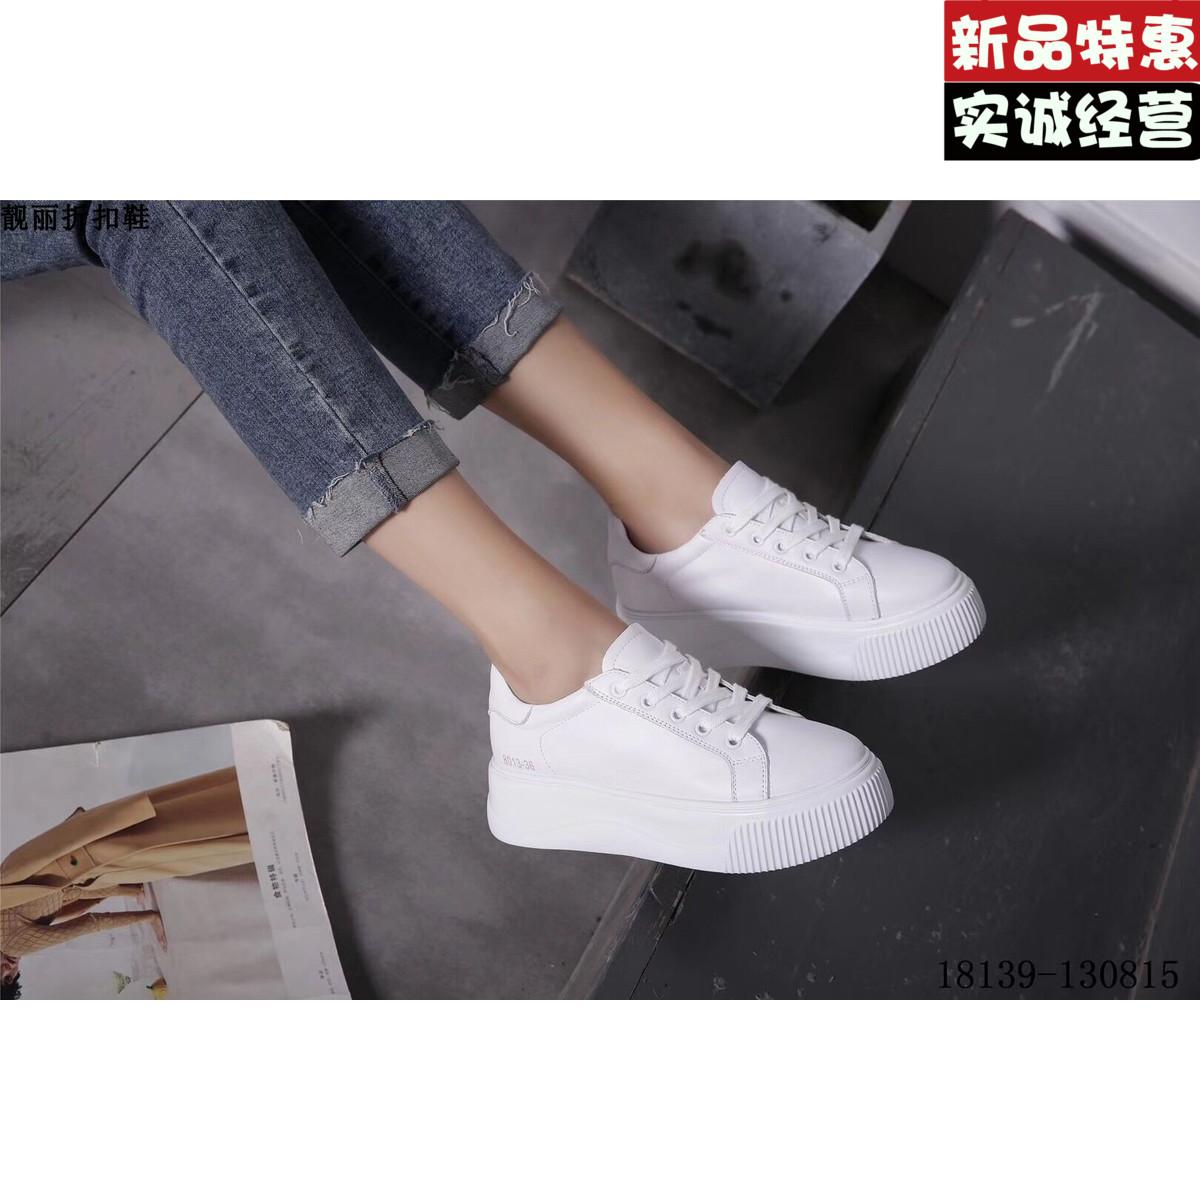 足间蝶舞139-13真皮小白鞋系带松糕底板鞋休闲2018秋季新款欧洲站